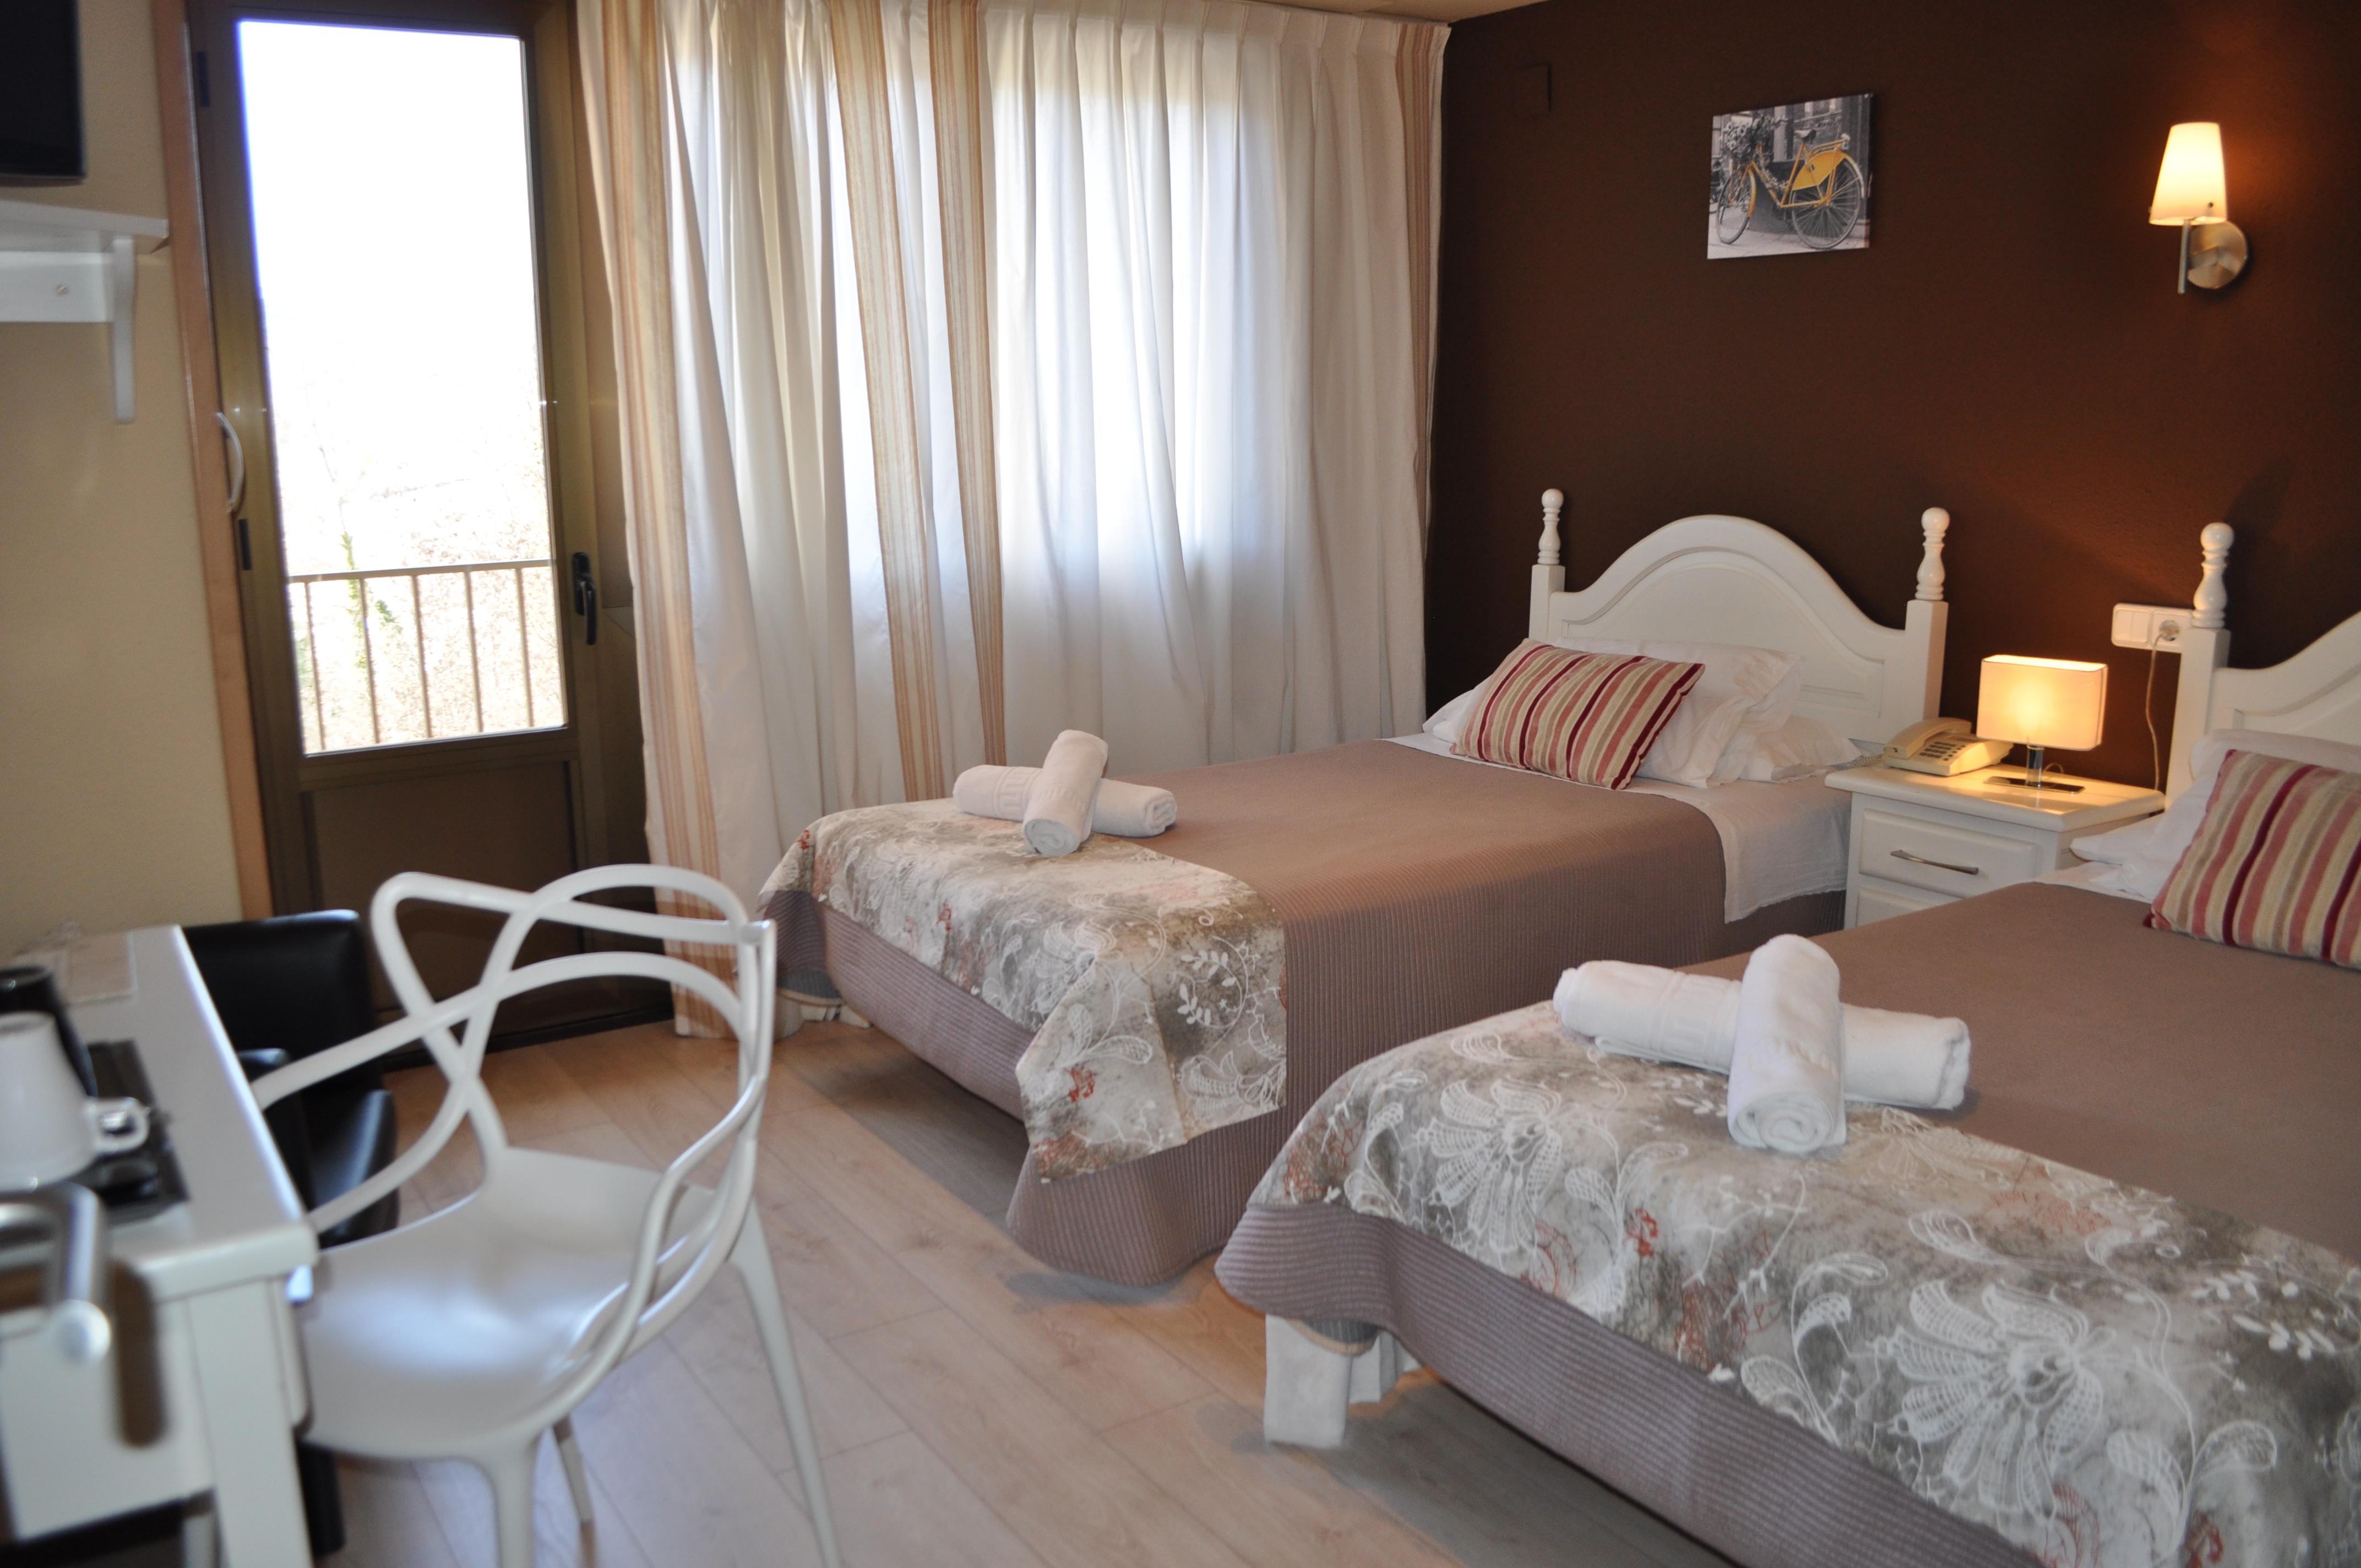 hotelSanchez_sierraguara